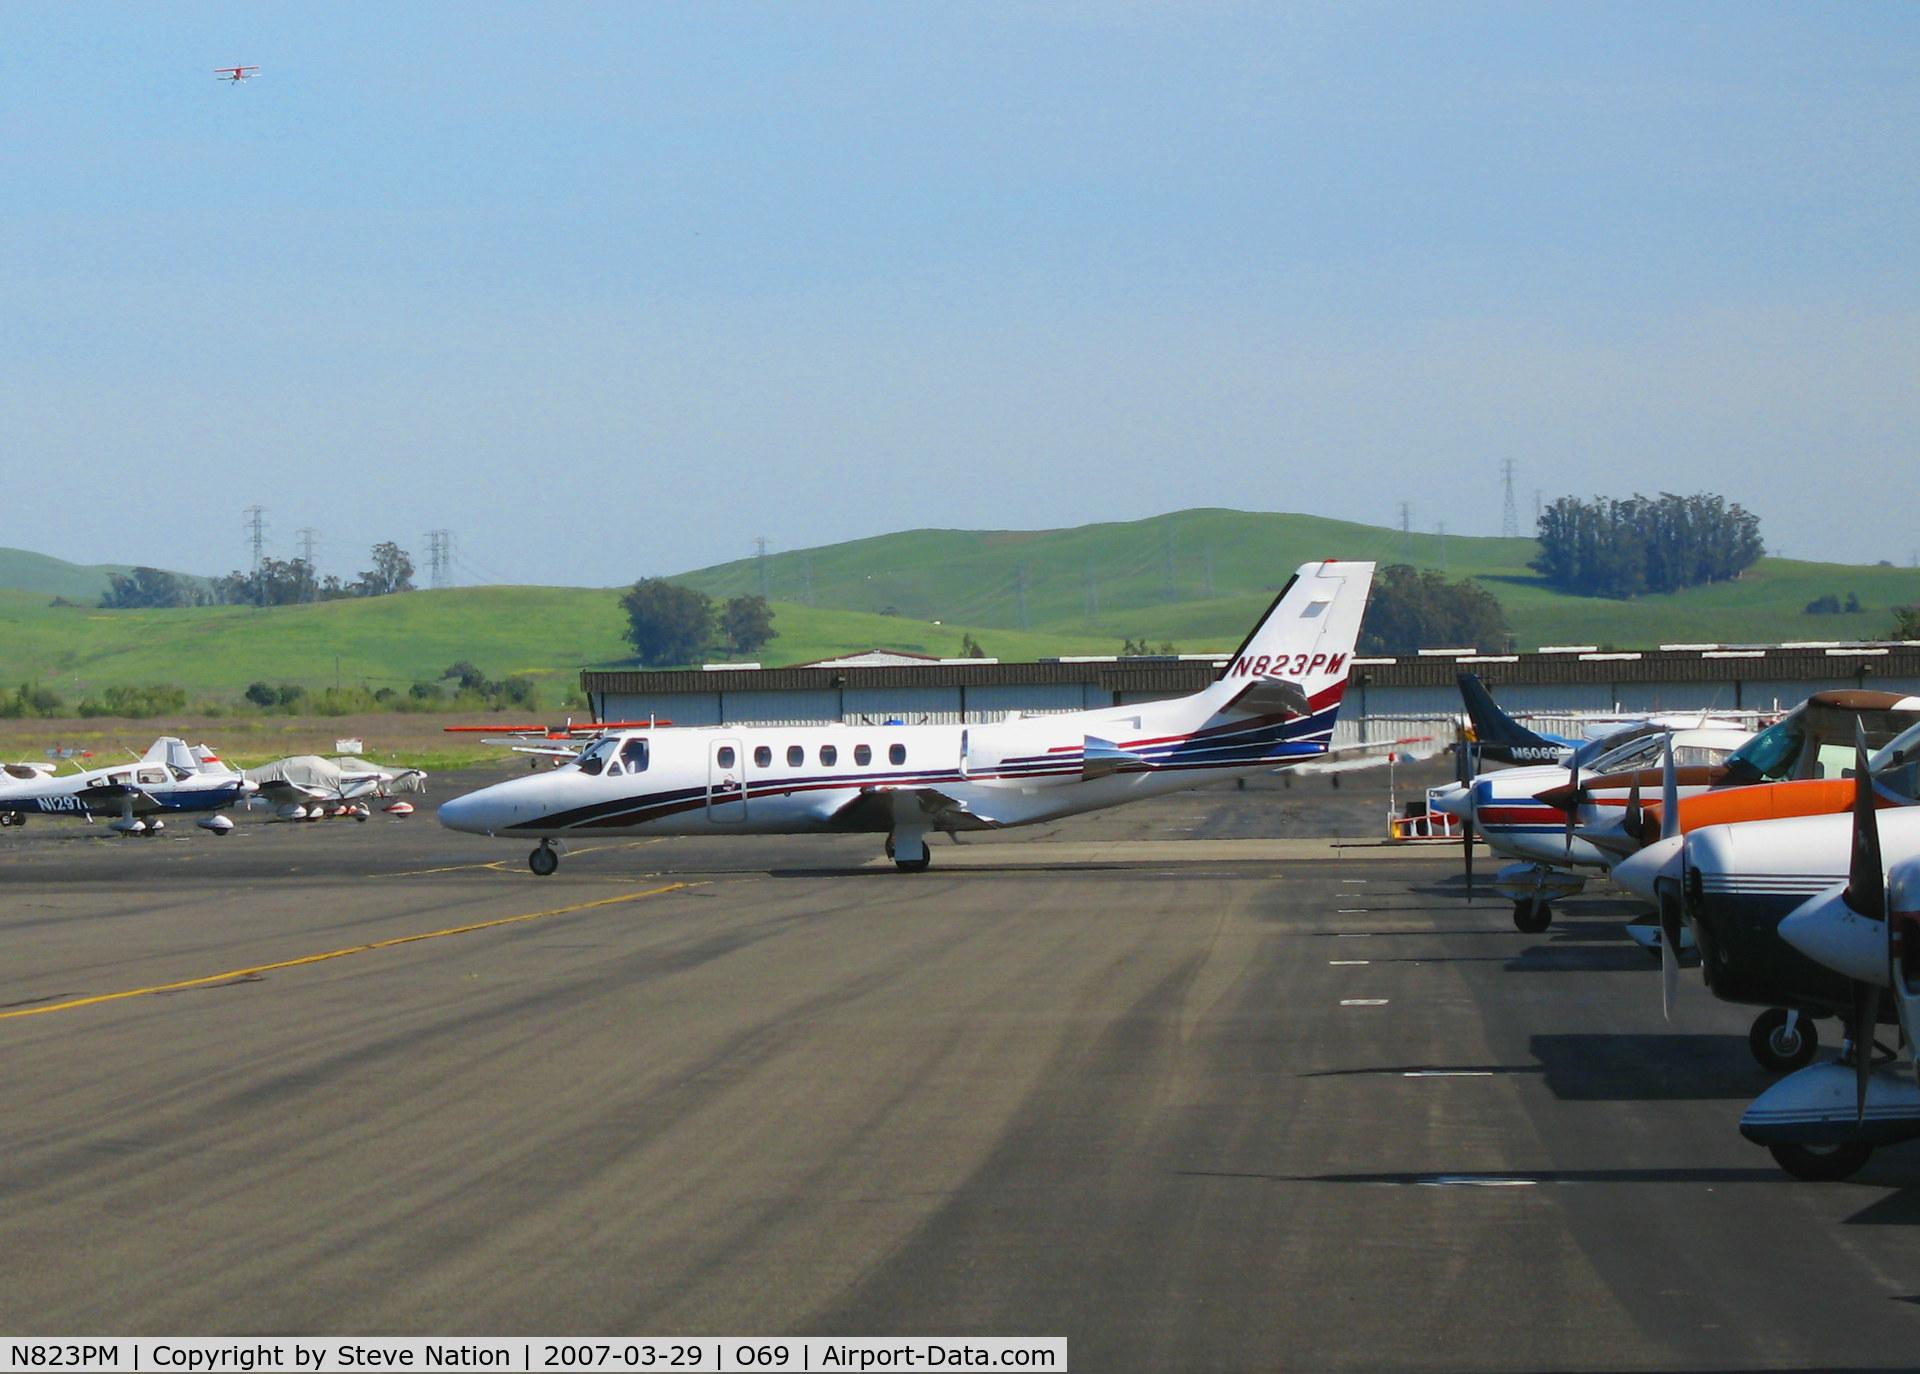 N823PM, 2003 Cessna 550 C/N 550-1064, TBN Group 2003 Cessna 550 rolling @ Petaluma, CA